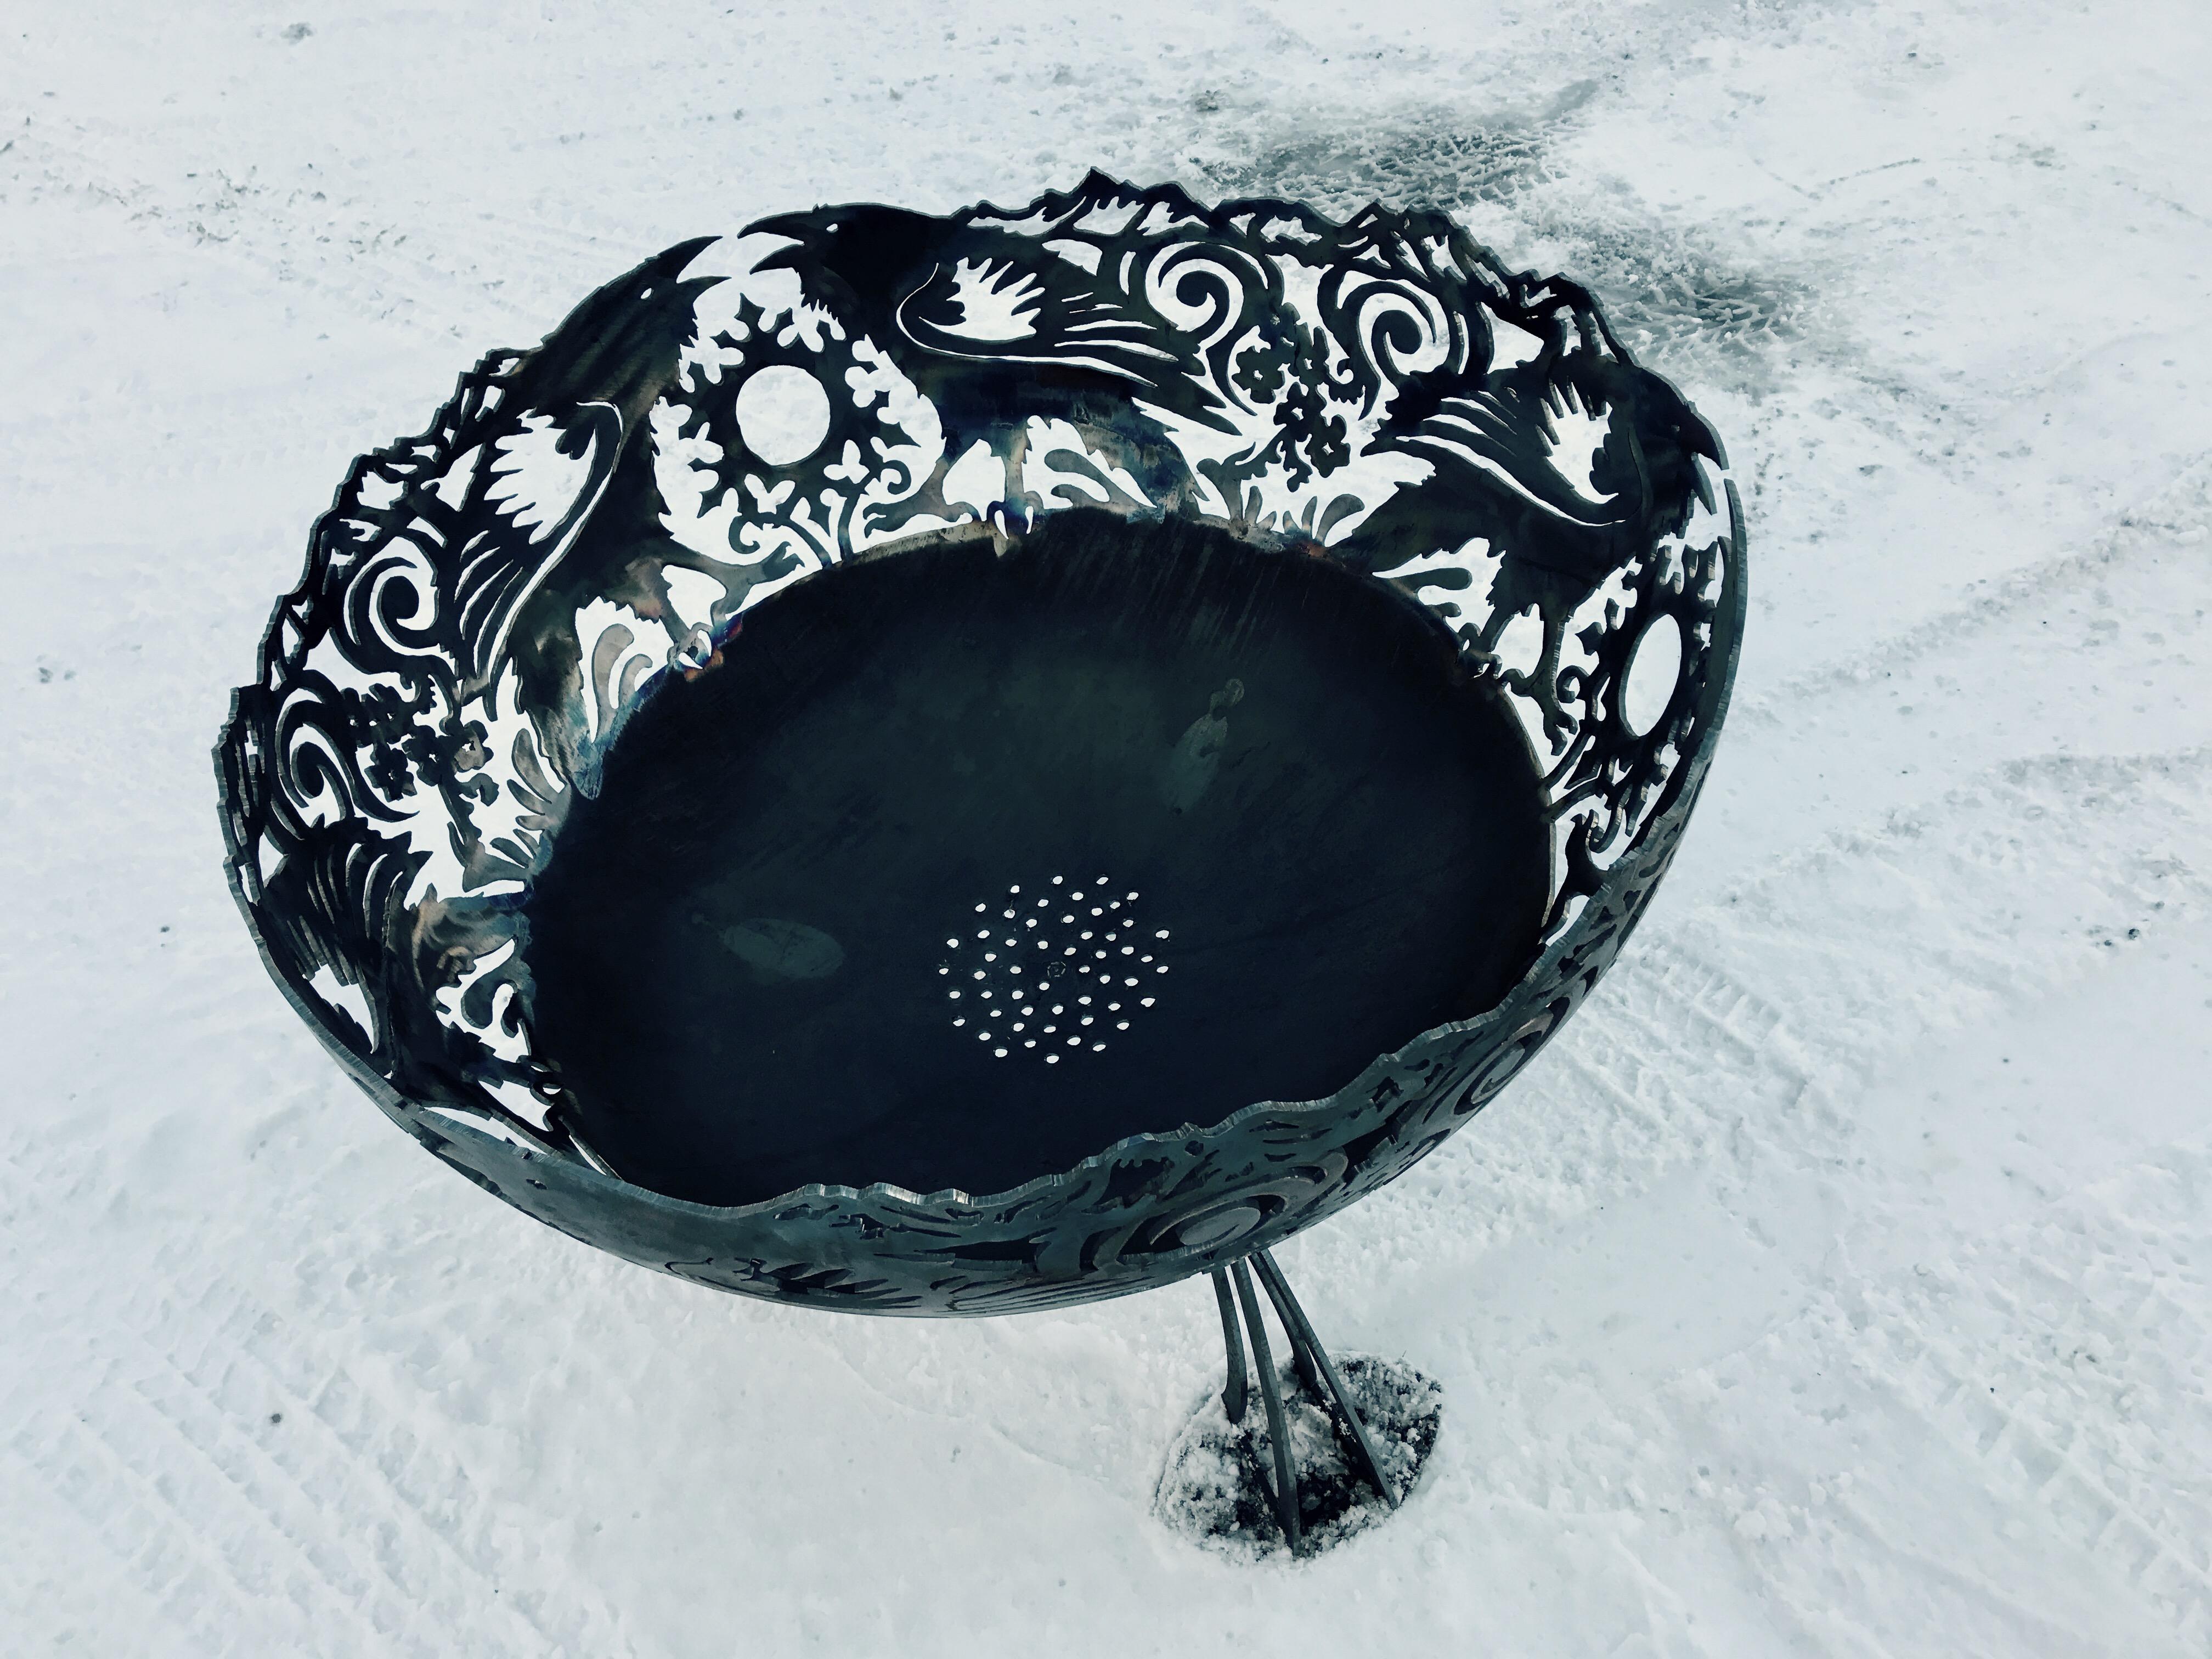 Raven Bowl Repeating